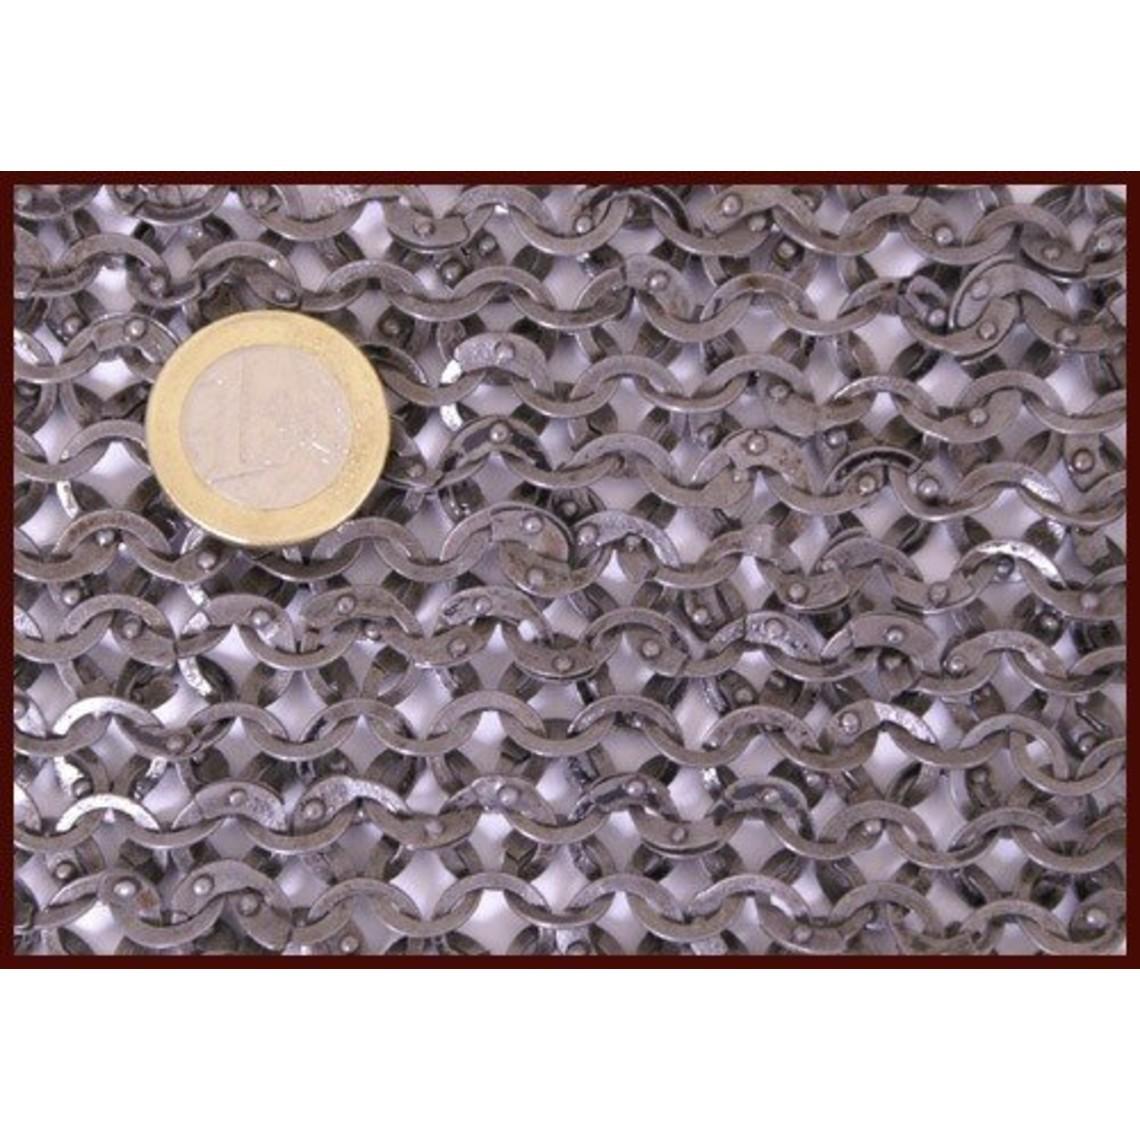 Ulfberth Camail à encolure carrée, anneaux plats - rivets ronds, 8 mm